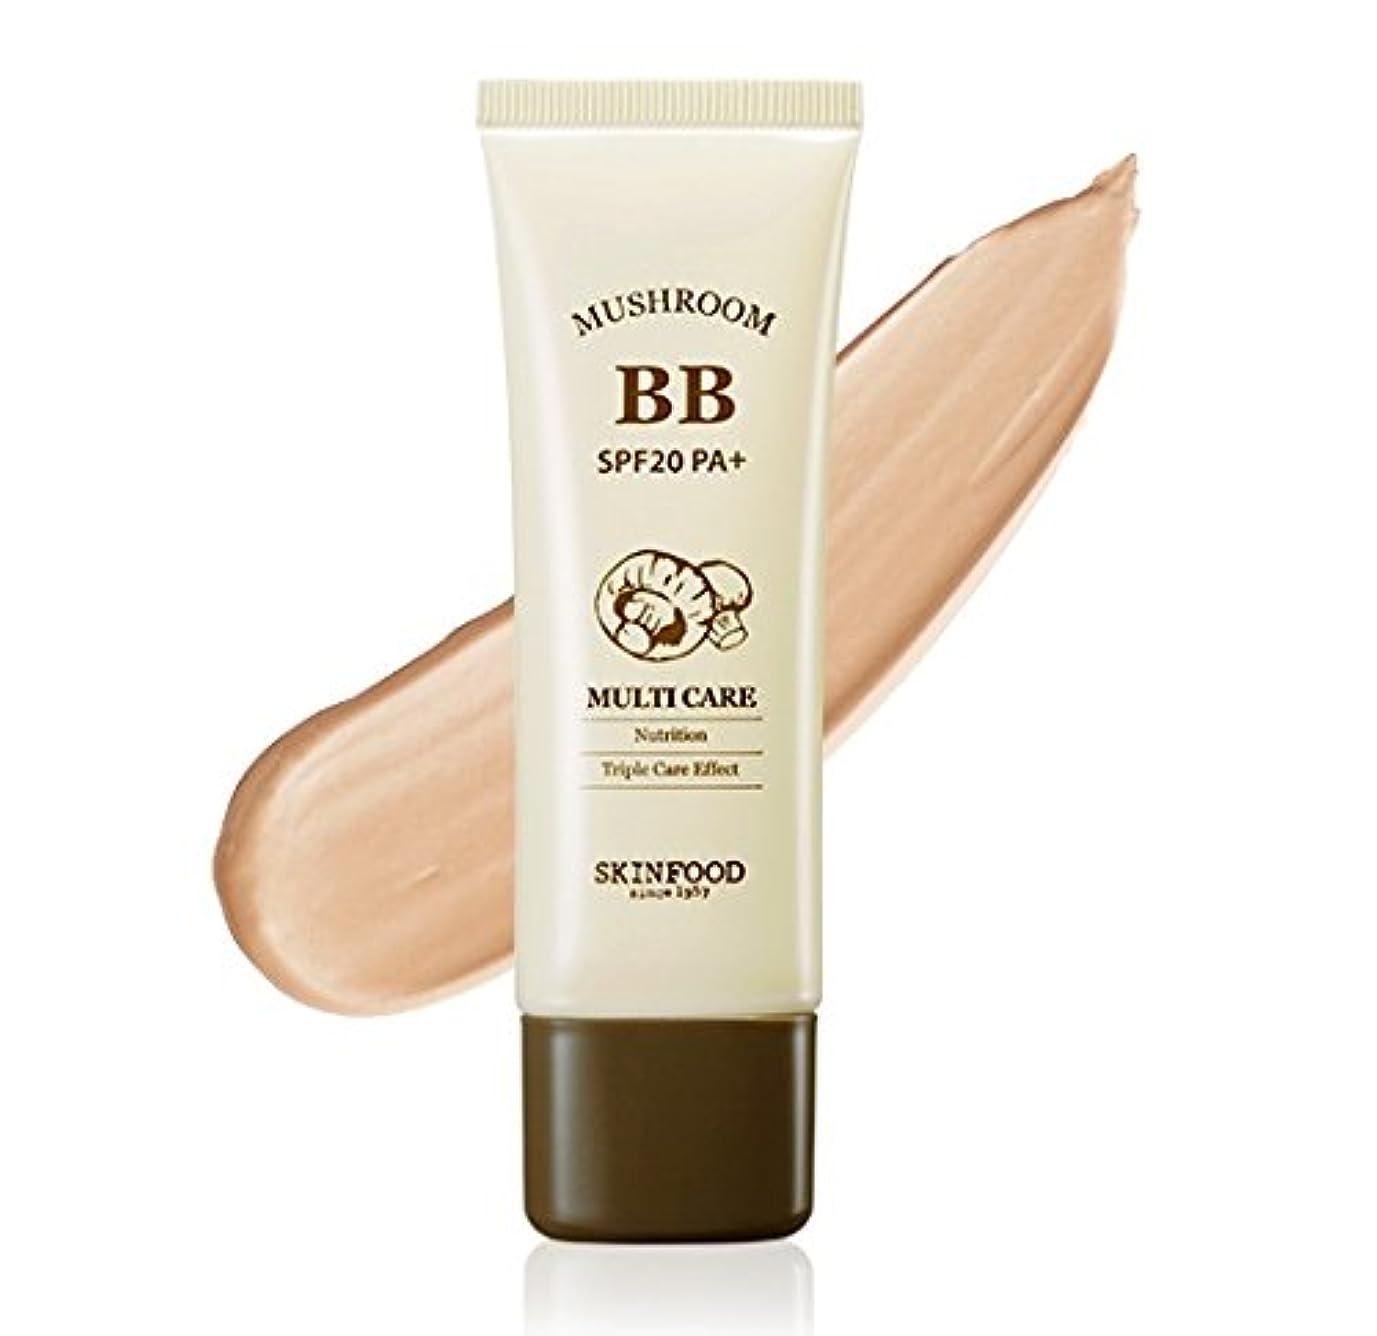 不満お尻特徴#Bright skin SKINFOOD Mushroom Multi Care BB Cream スキンフード マッシュルーム マルチケア BB cream クリーム SPF20 PA+ [並行輸入品]